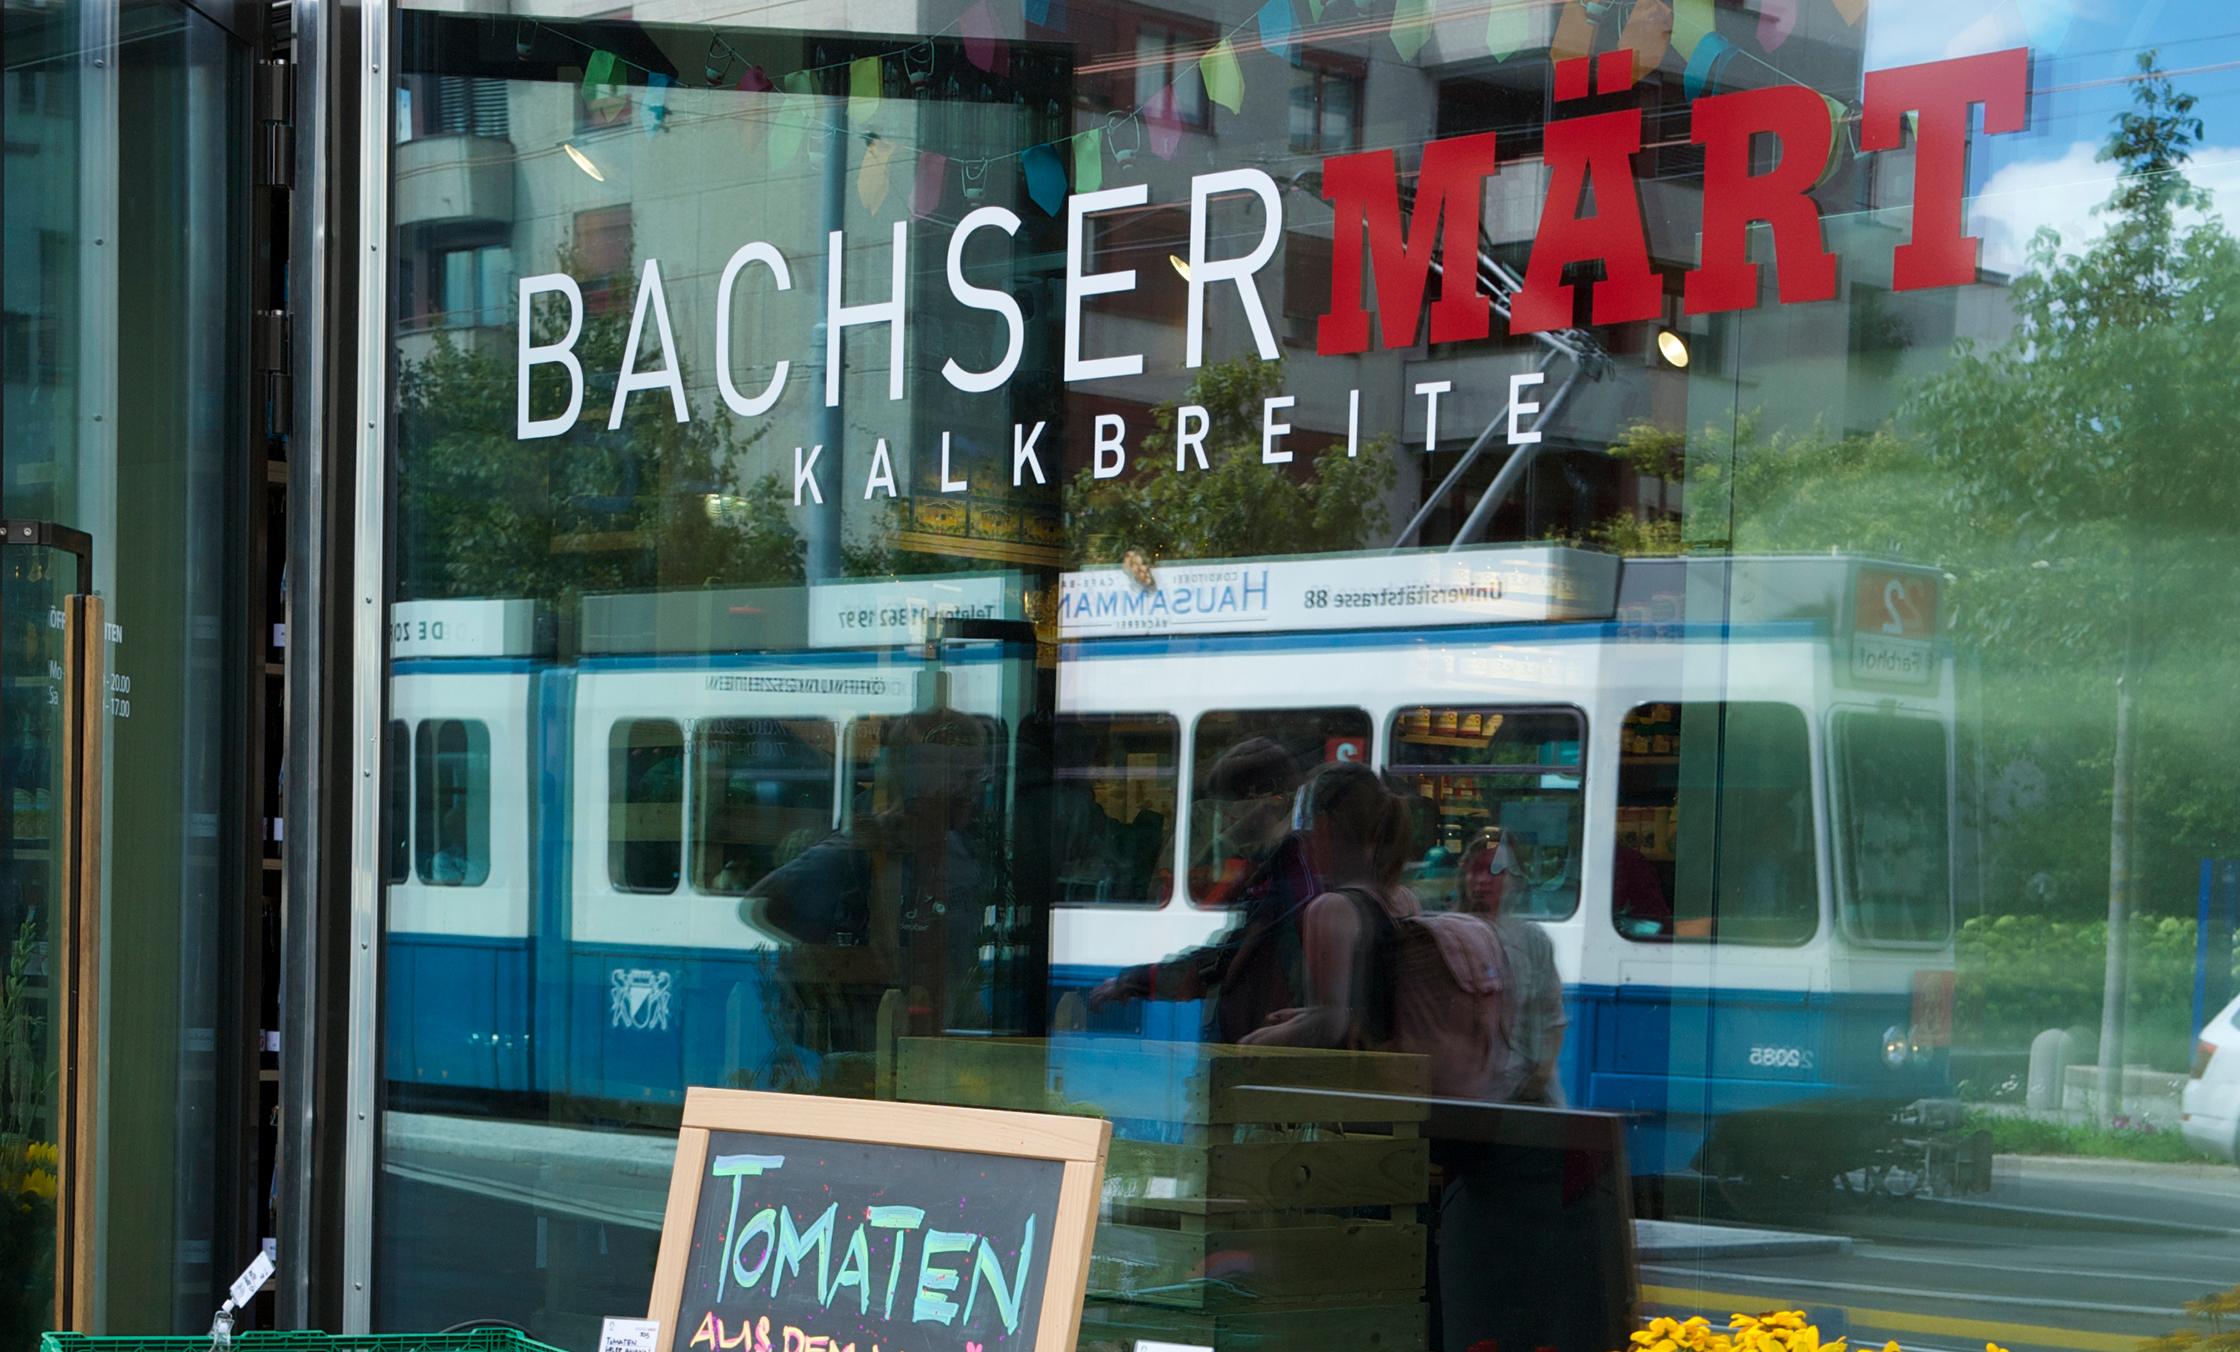 Bachsermärt Kalkbreite